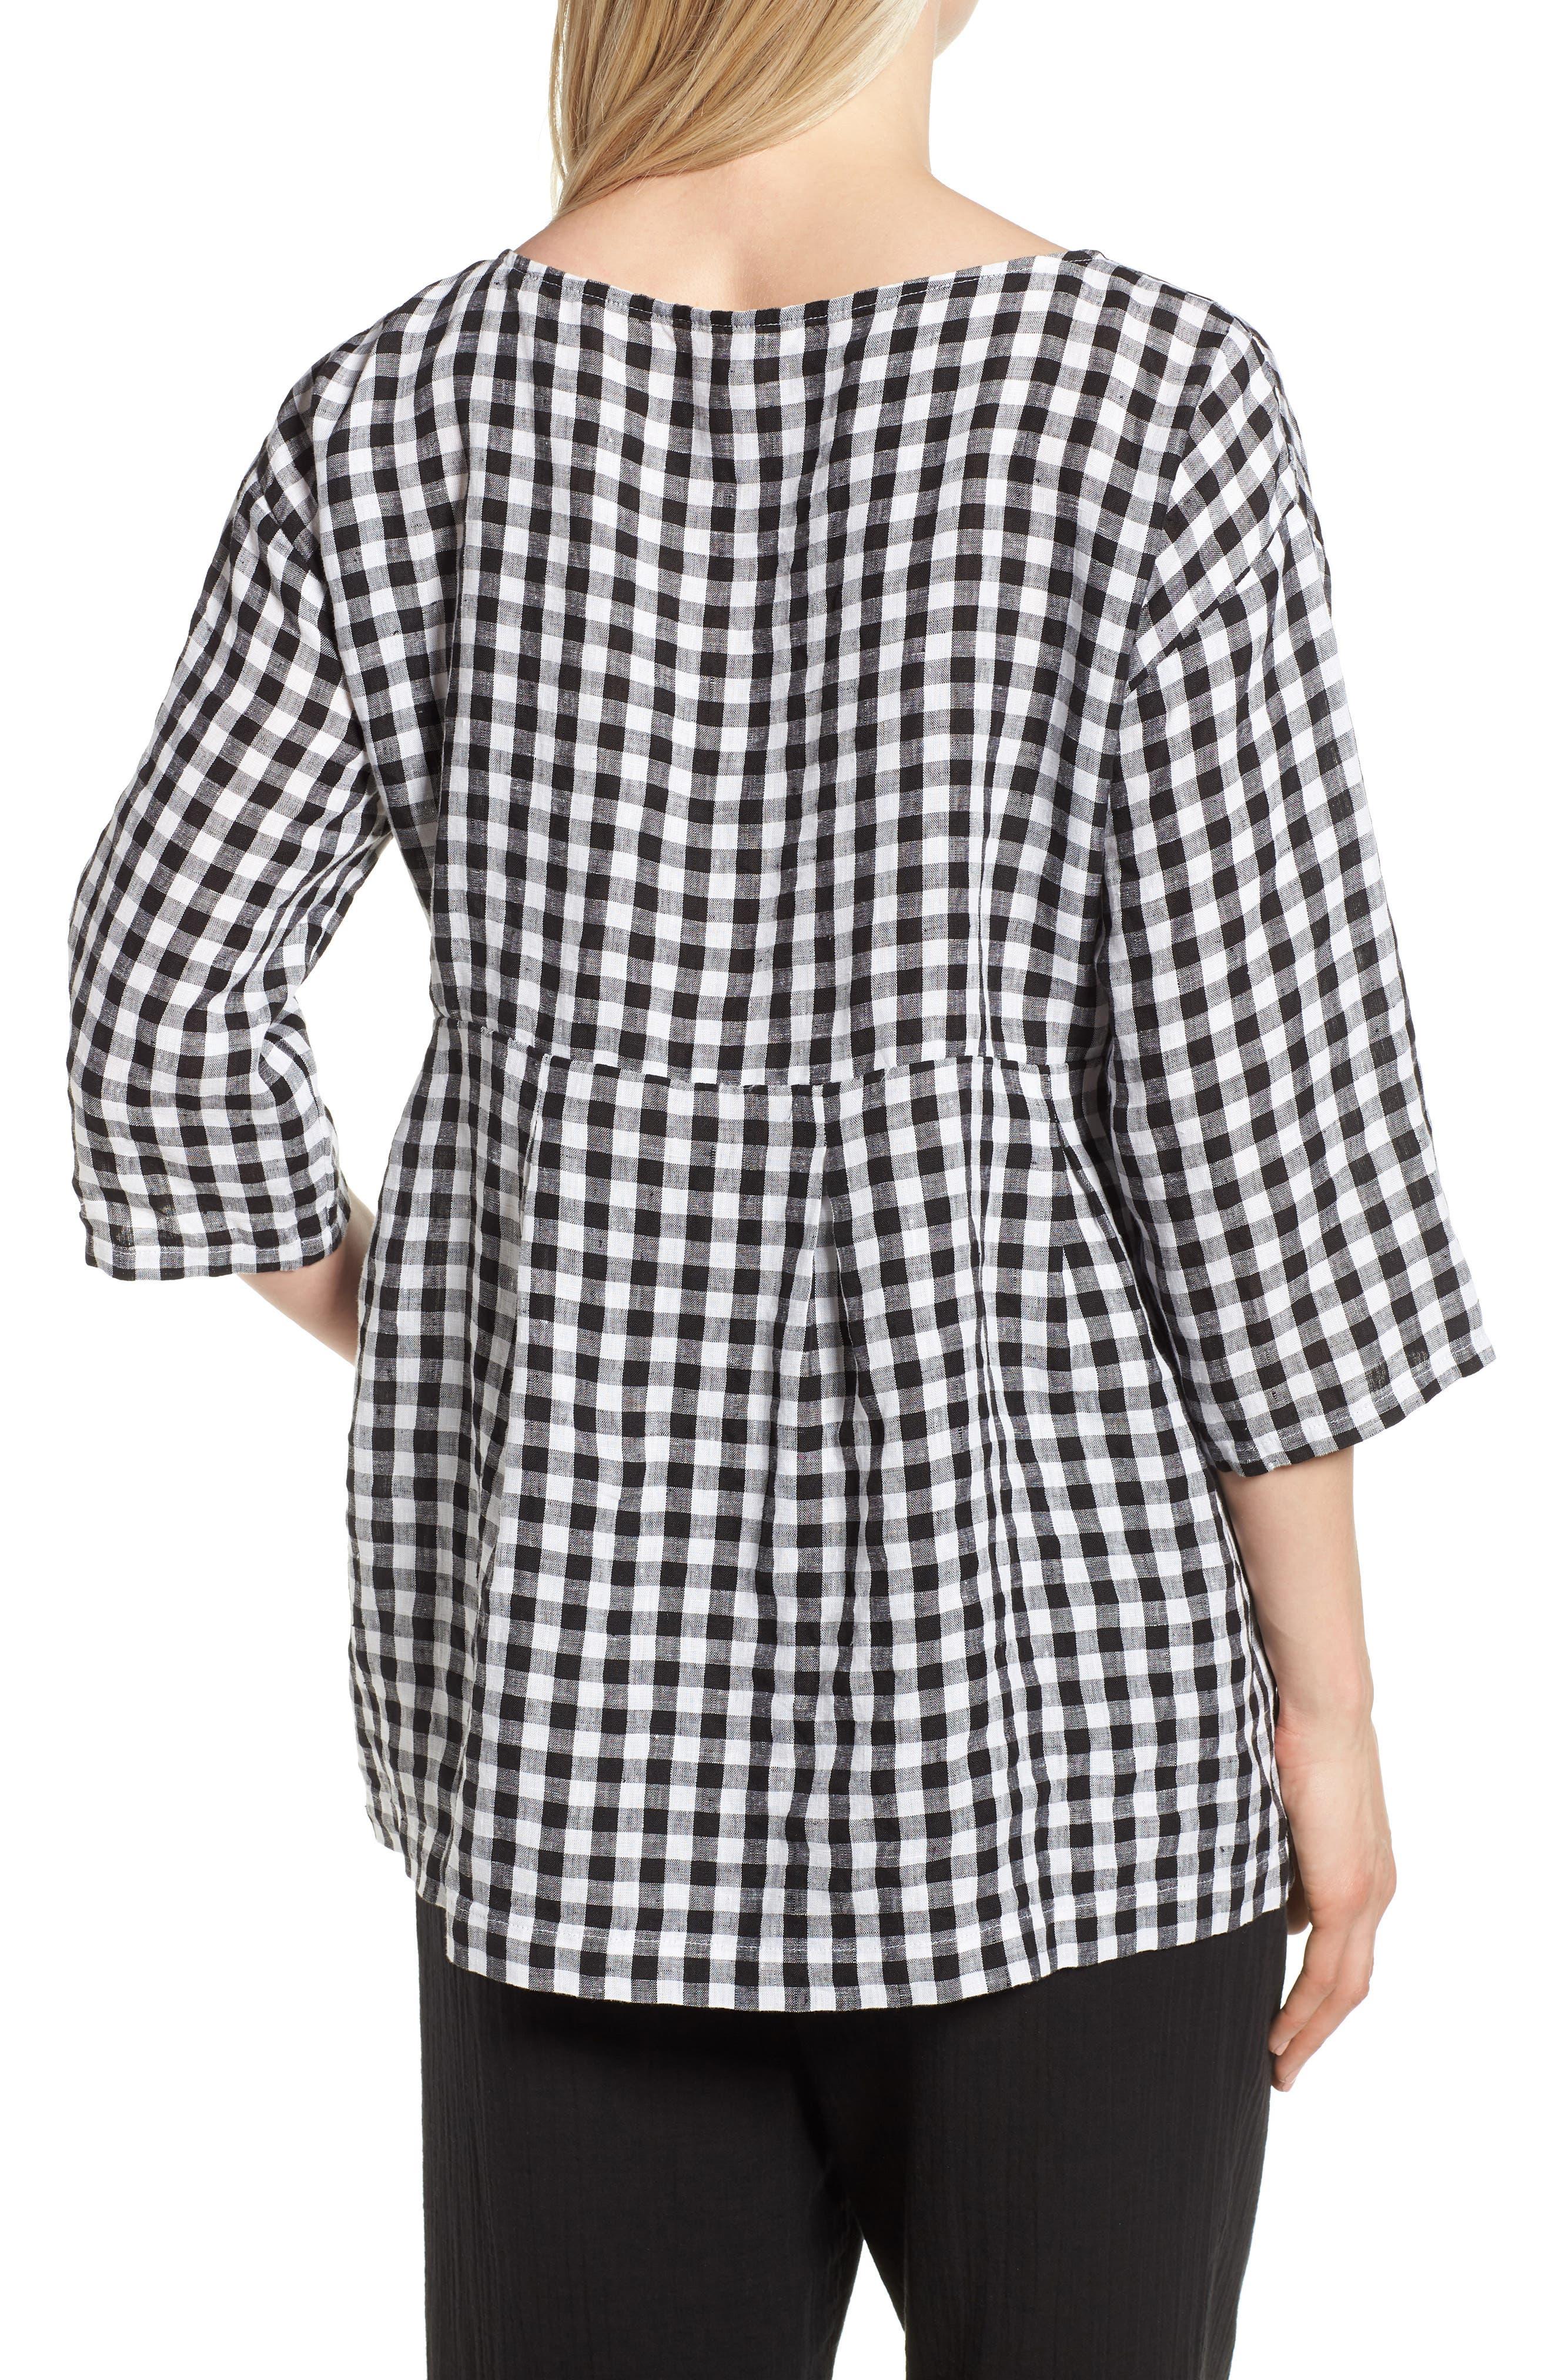 Gingham Organic Linen Top,                             Alternate thumbnail 2, color,                             Black/ White